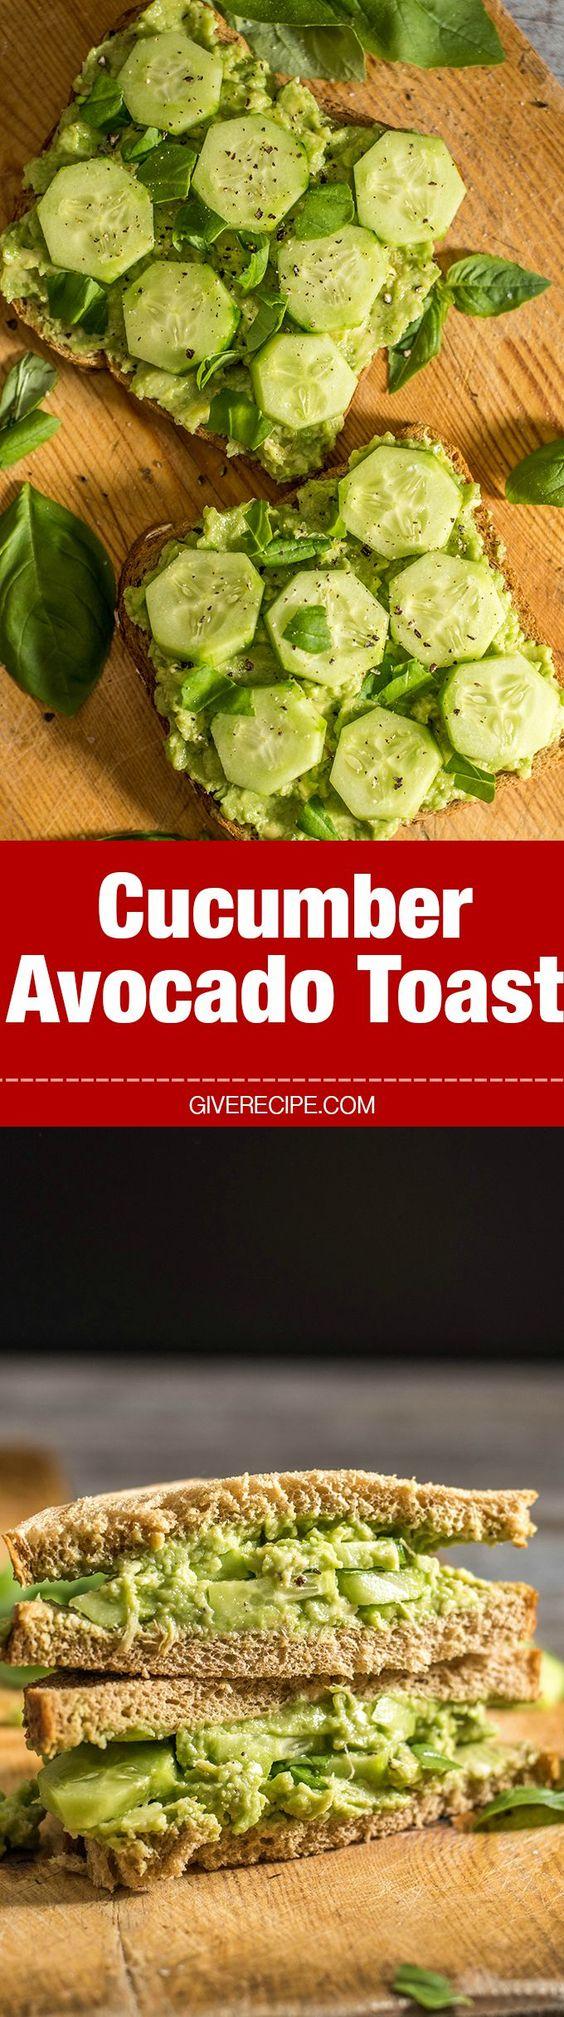 Avocado toast, Avocado and Toast on Pinterest